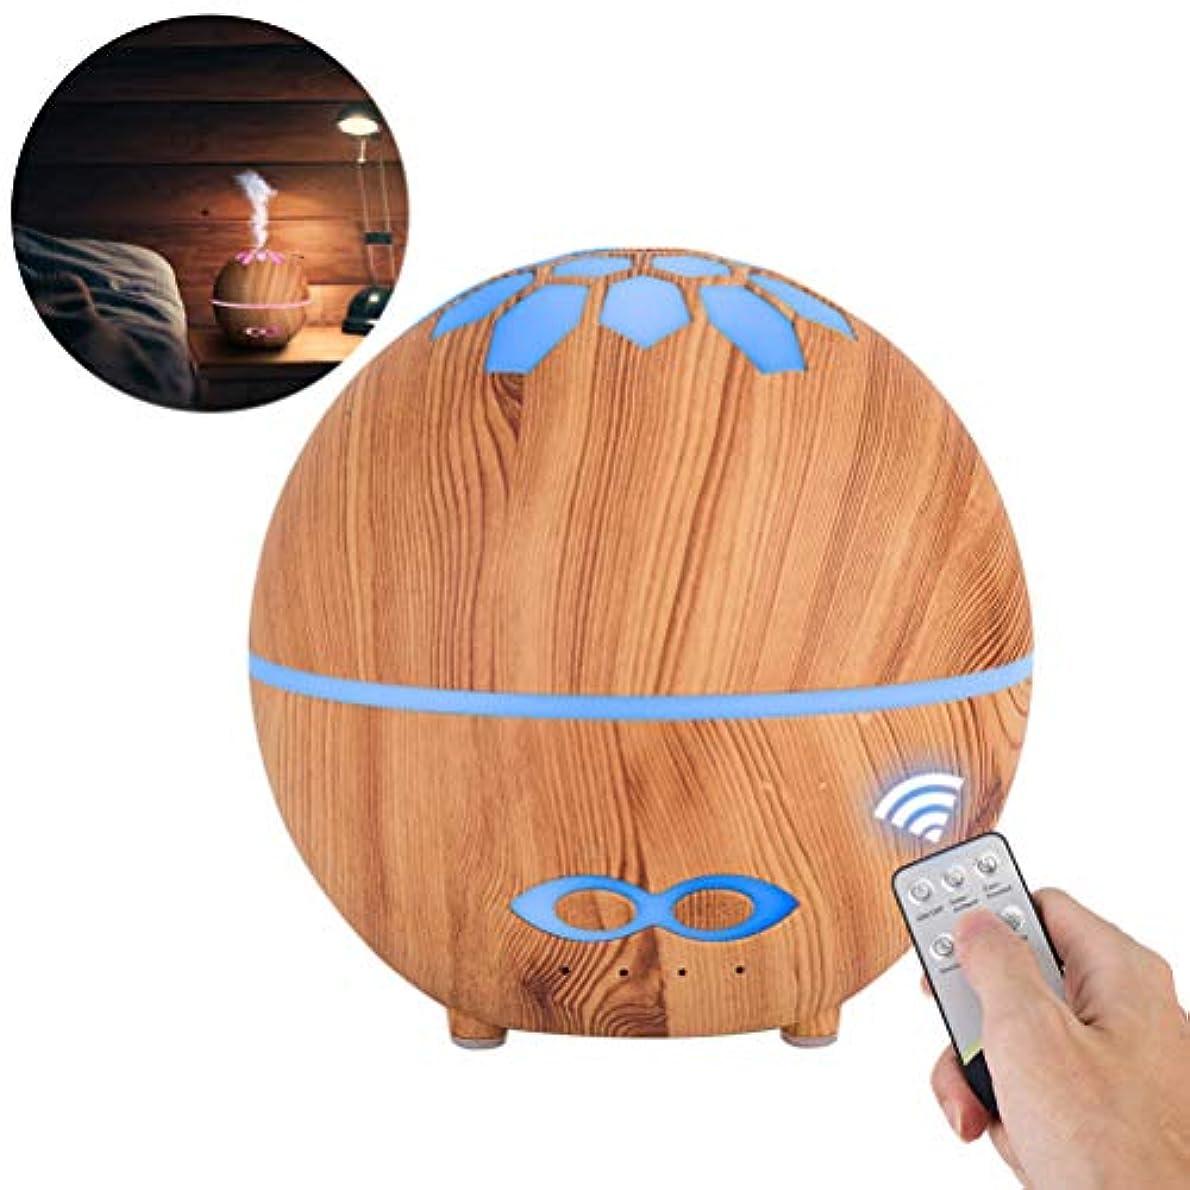 フレット量で落ち着くSUPVOX 400ML Essential Oil Diffuser Remote Control Humidifier Electric Aroma Diffuser (Light Wood Grain with JP Plug)